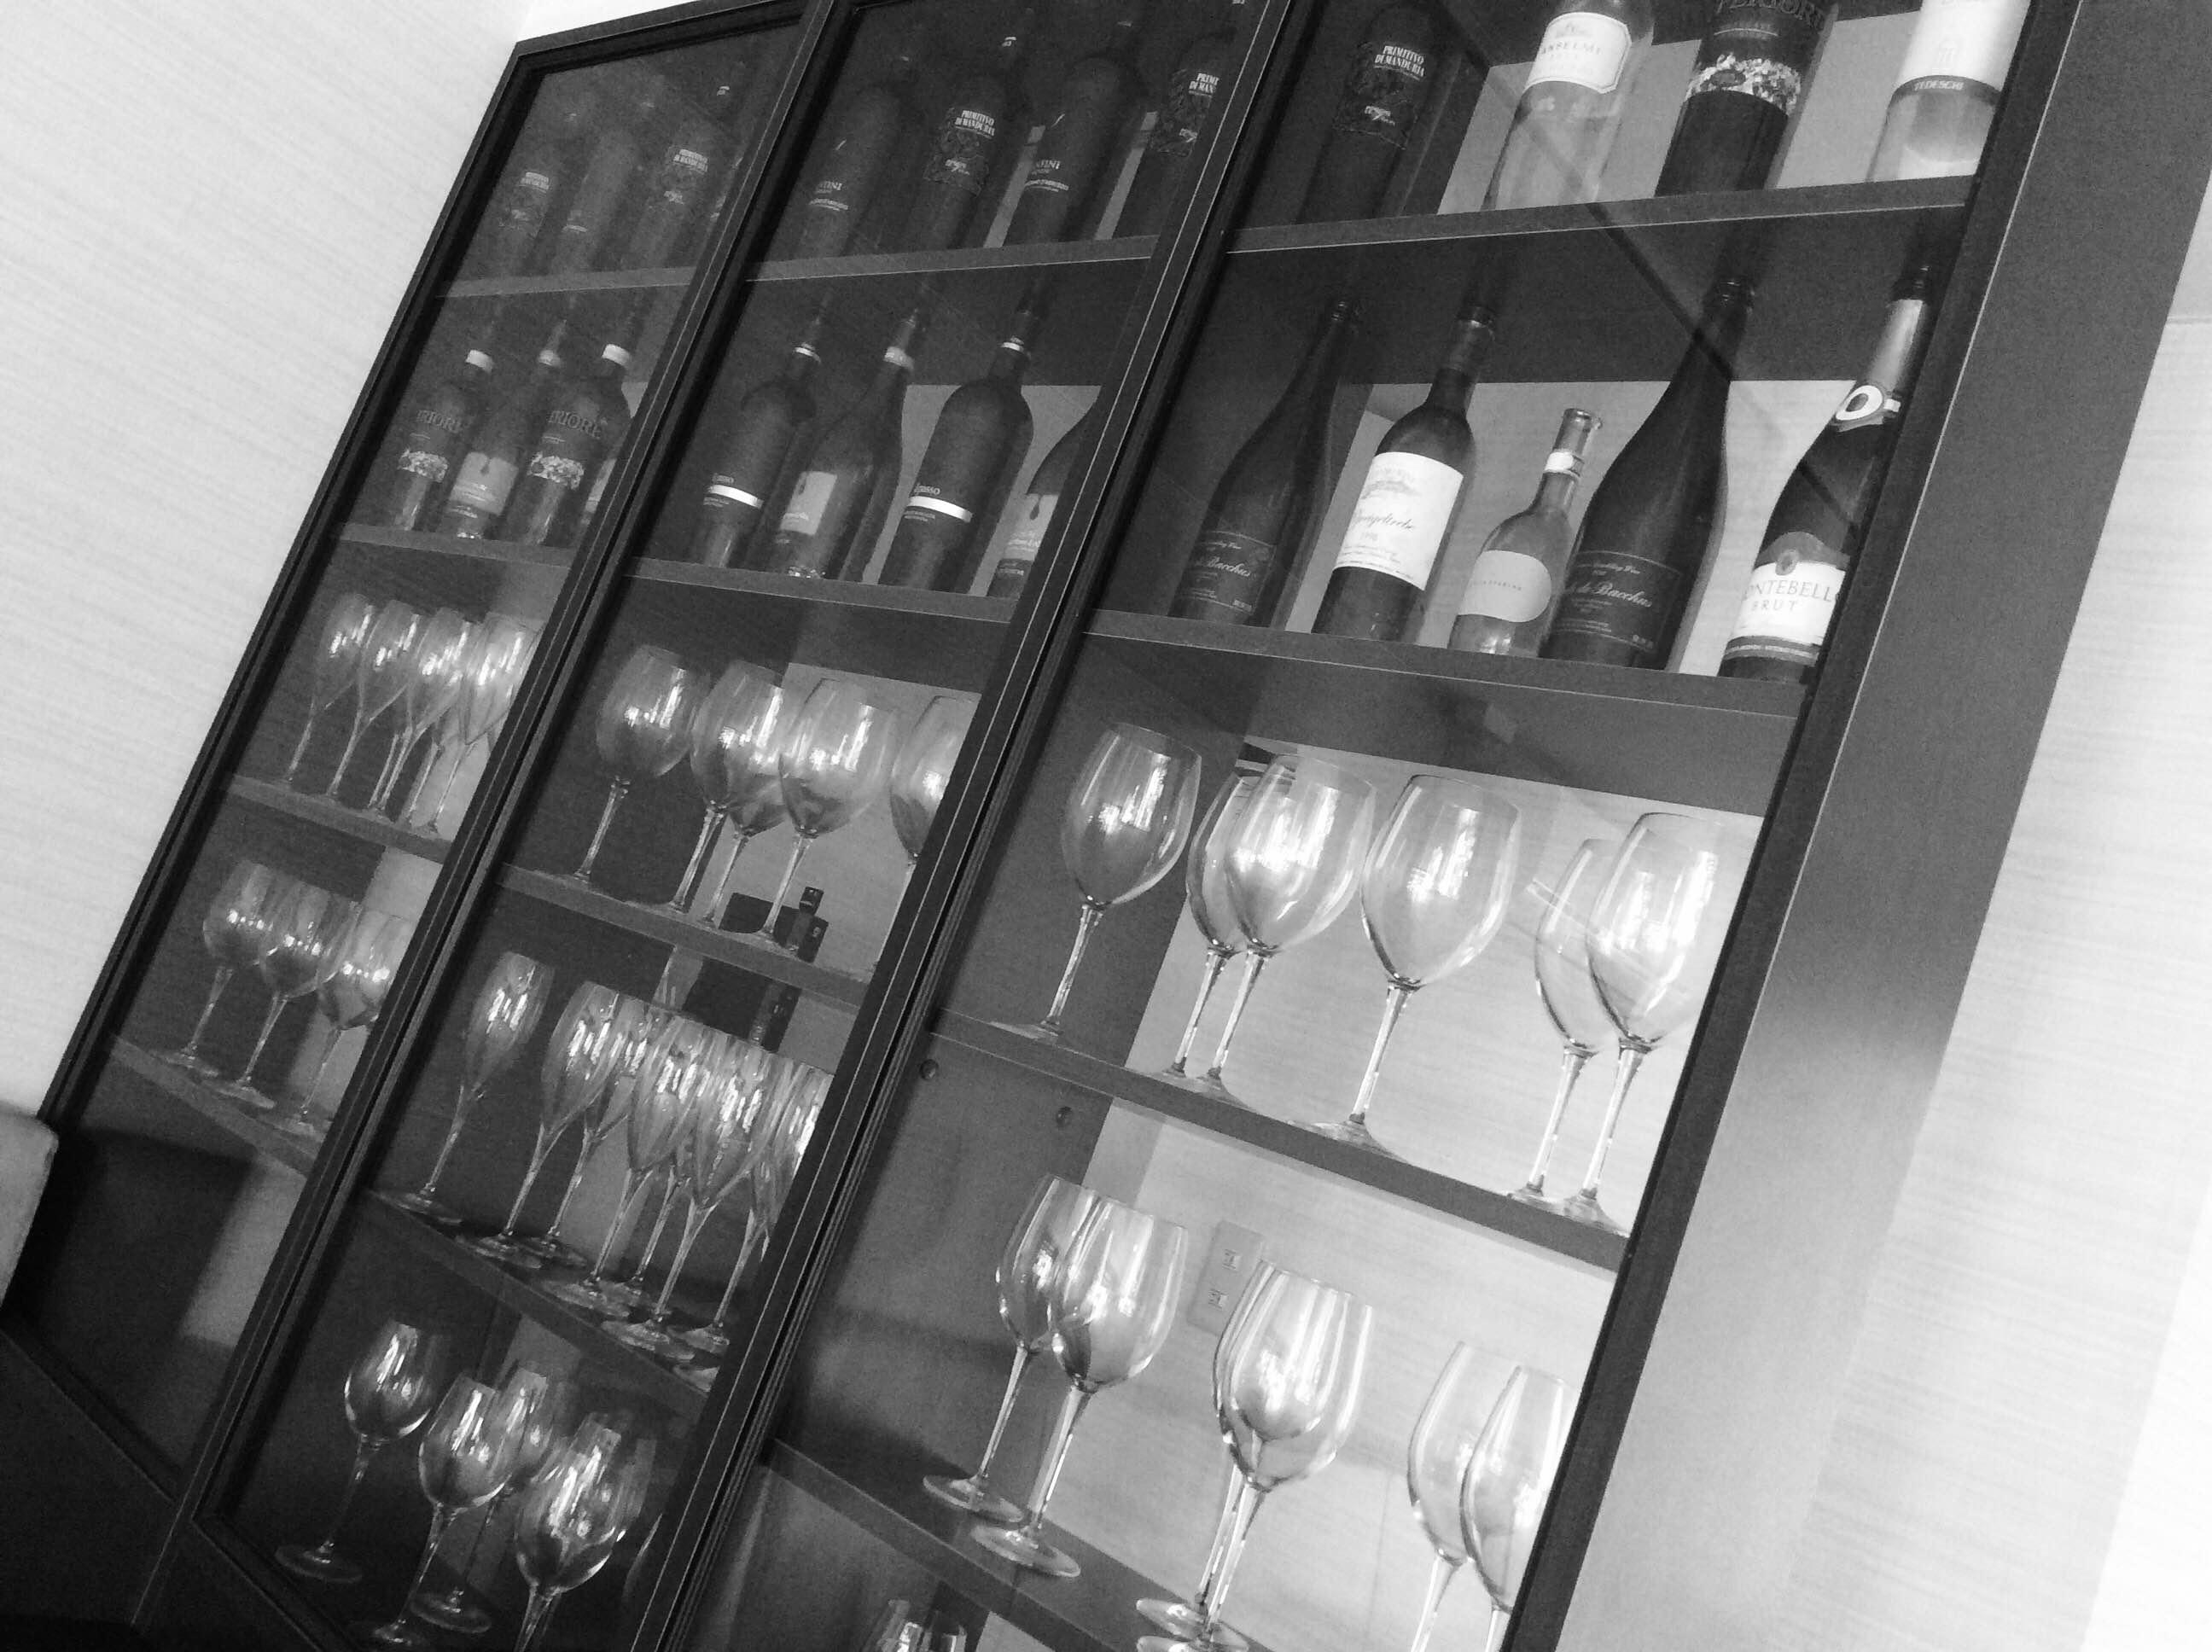 biacchiere da vino